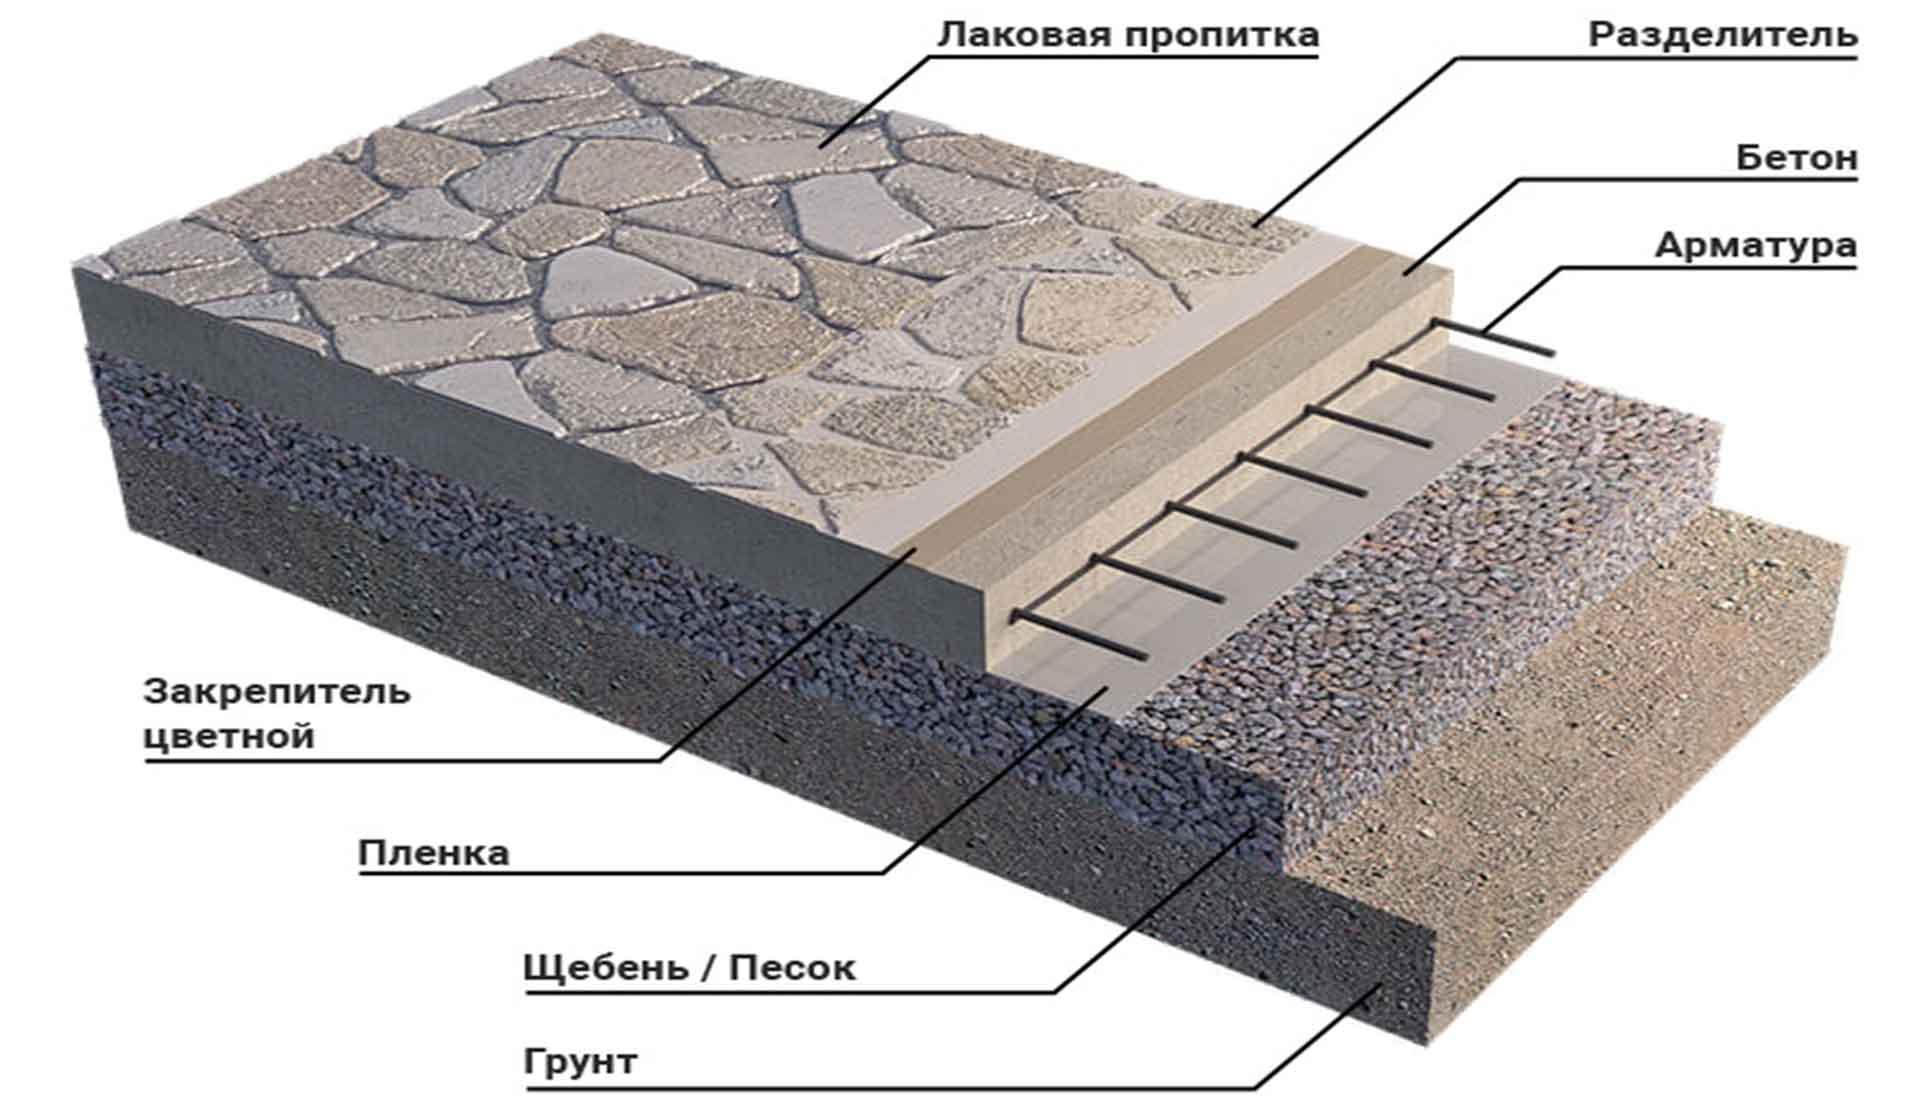 Артис - печатныйй бетон москва продажа материалов укладка все виды услуг из чего состоит